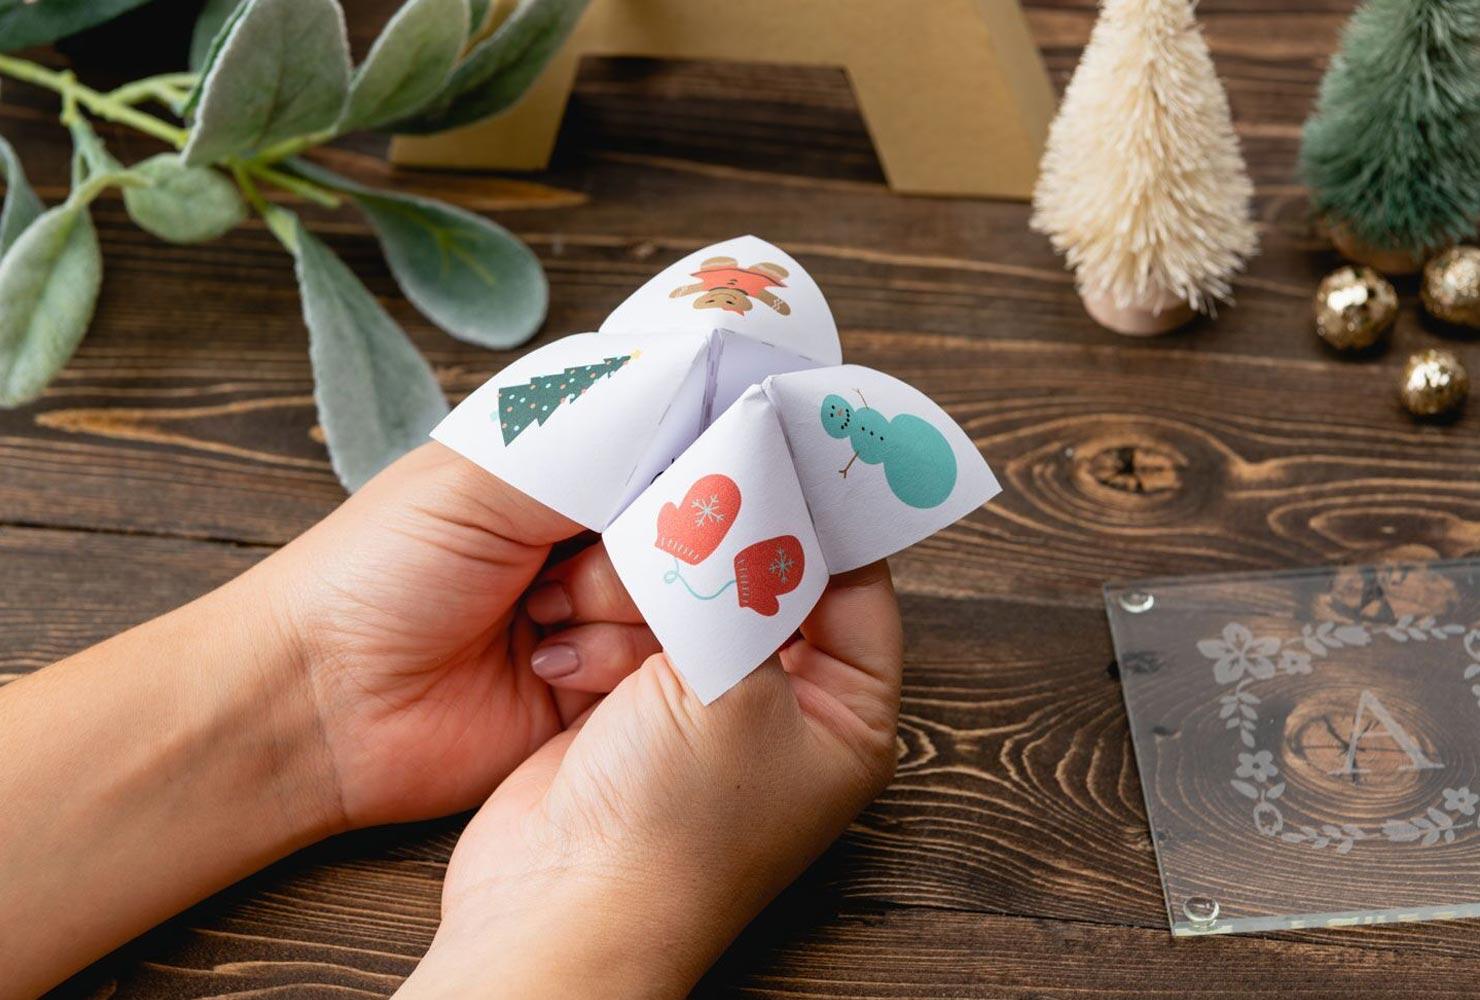 29 Christmas Crafts For Kids + Free Printable Crafts | Shutterfly - Free Printable Christmas Craft Templates